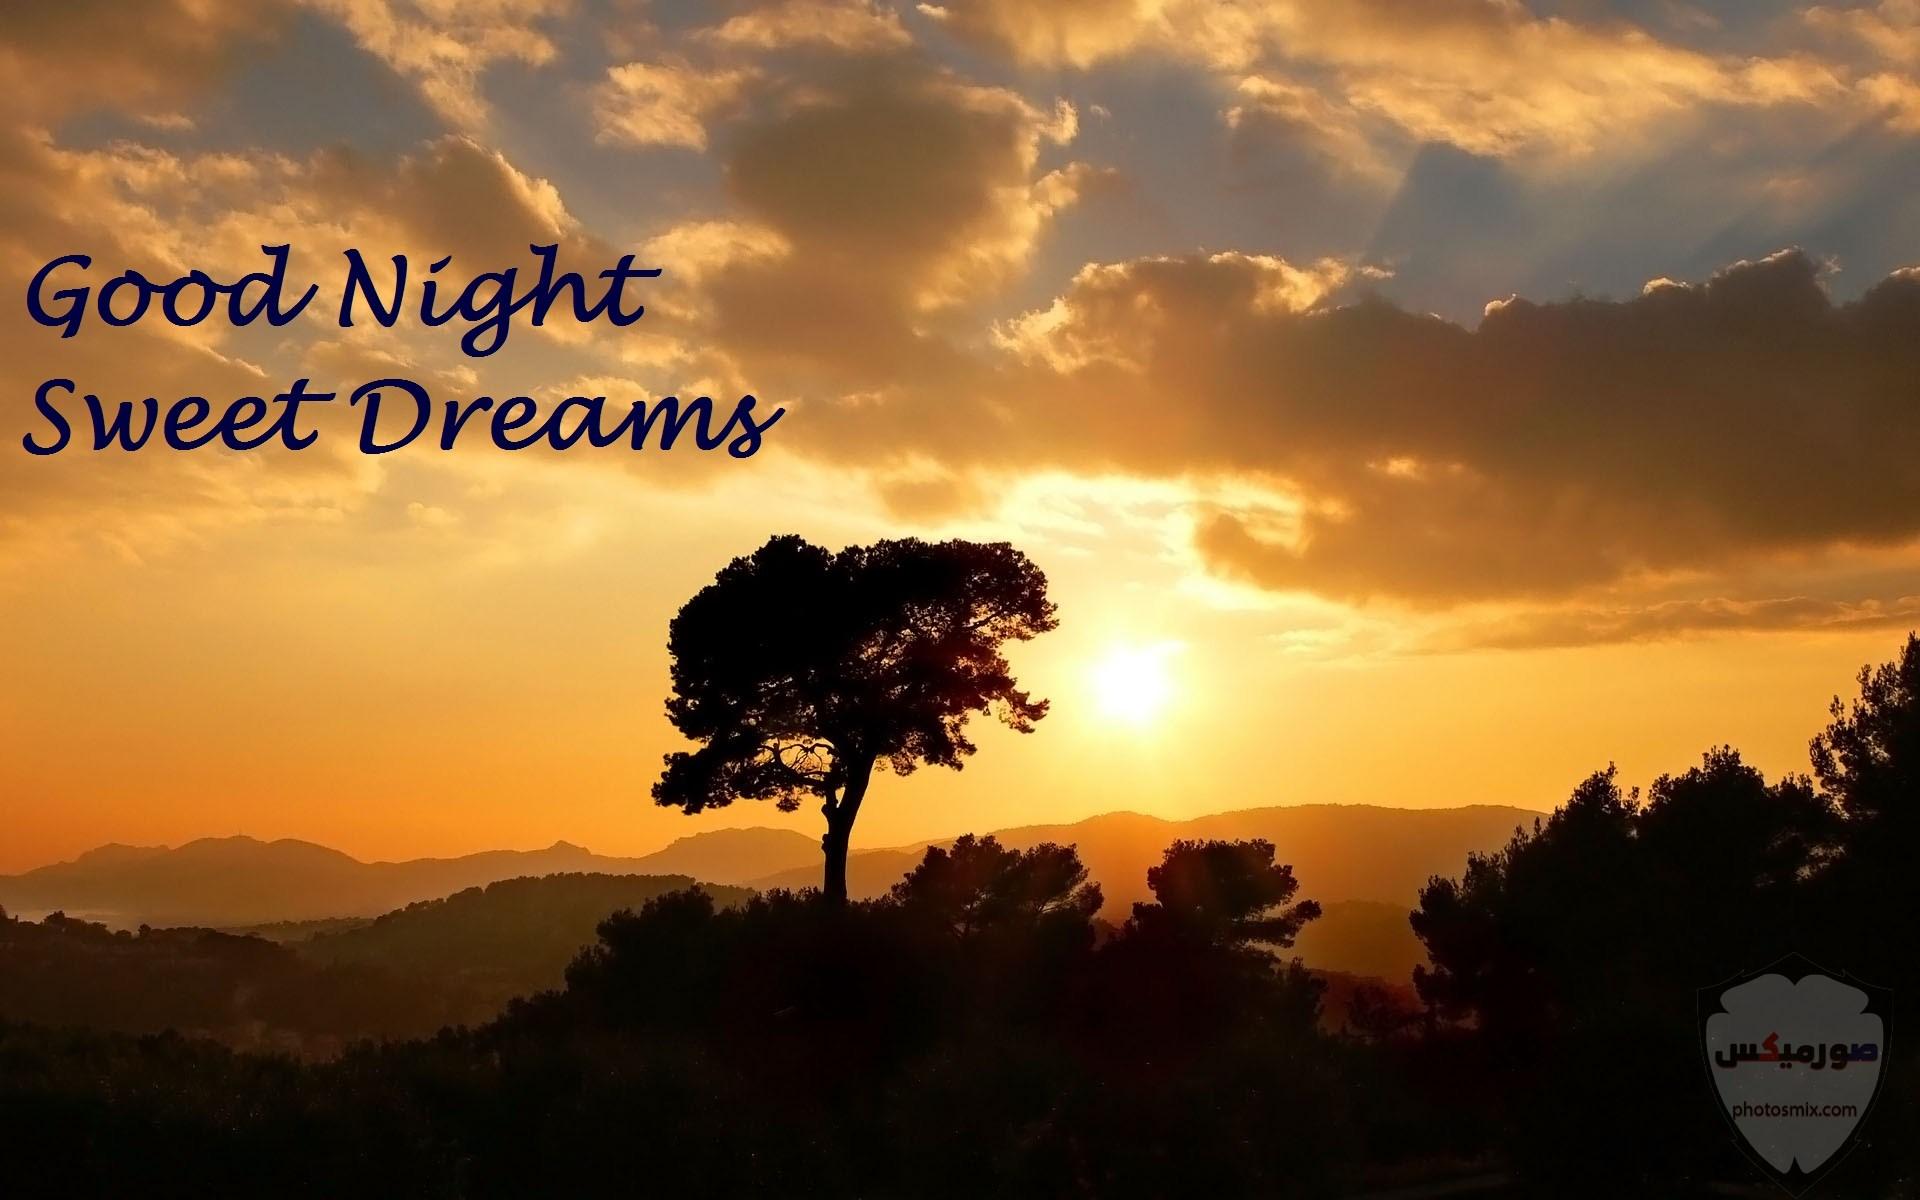 تحميل صور مساء الخير صور مسائية مكتوب عليها صور تحية المساء 17